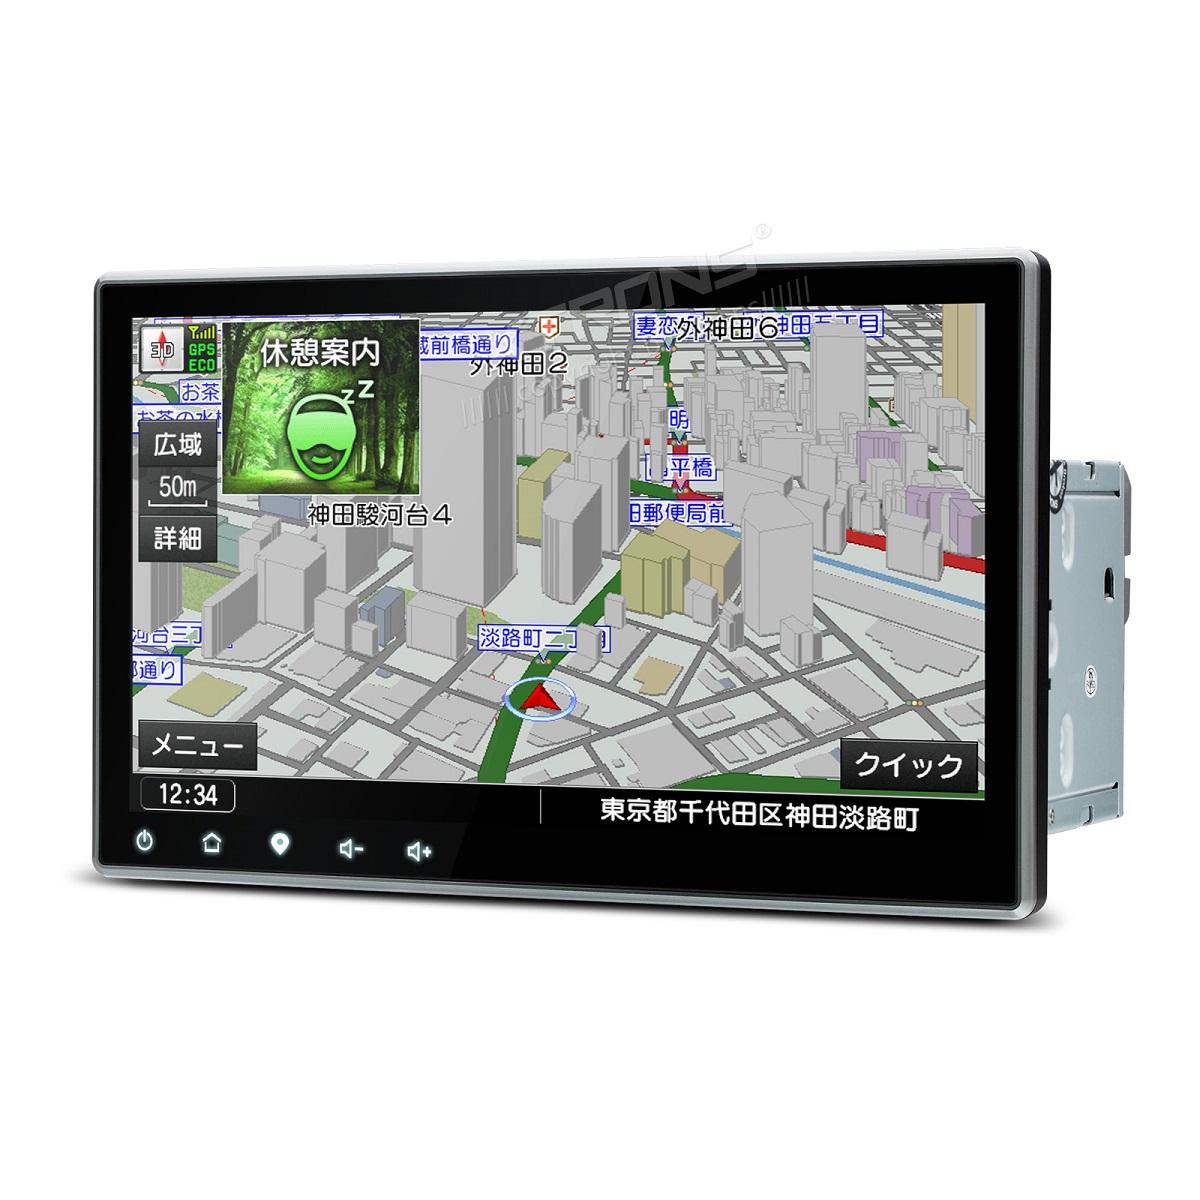 最新入荷ゼンリン「るるぶDATA」8GB観光地図カード (TD102GY)XTRONS 10.1インチ 2DIN 静電式一体型 カーナビ 最新8G観光地図付き DVDプレーヤー 高解像度 ブルートゥース ラジオ ドライブレコーダー同梱可 送料無料 一年保証付